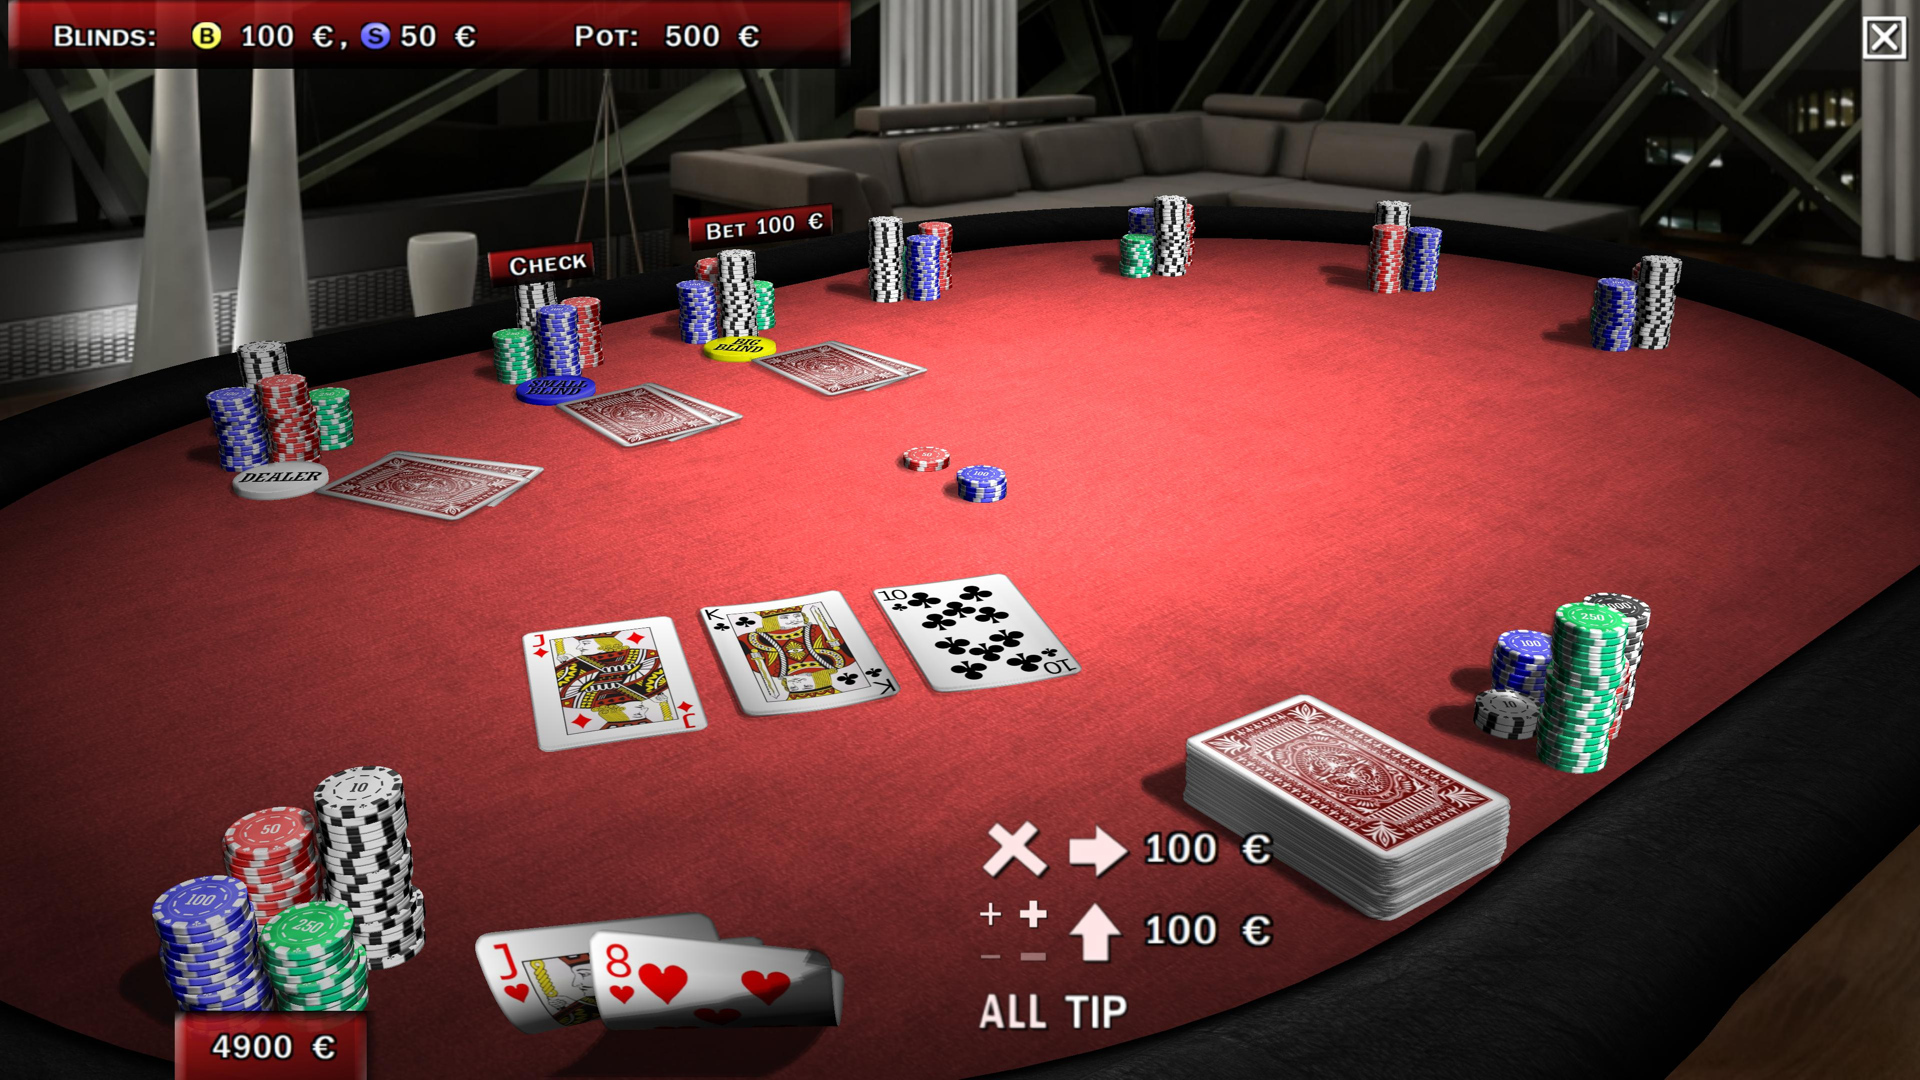 Stratégies de jeux de table : nos conseils pour gagner !